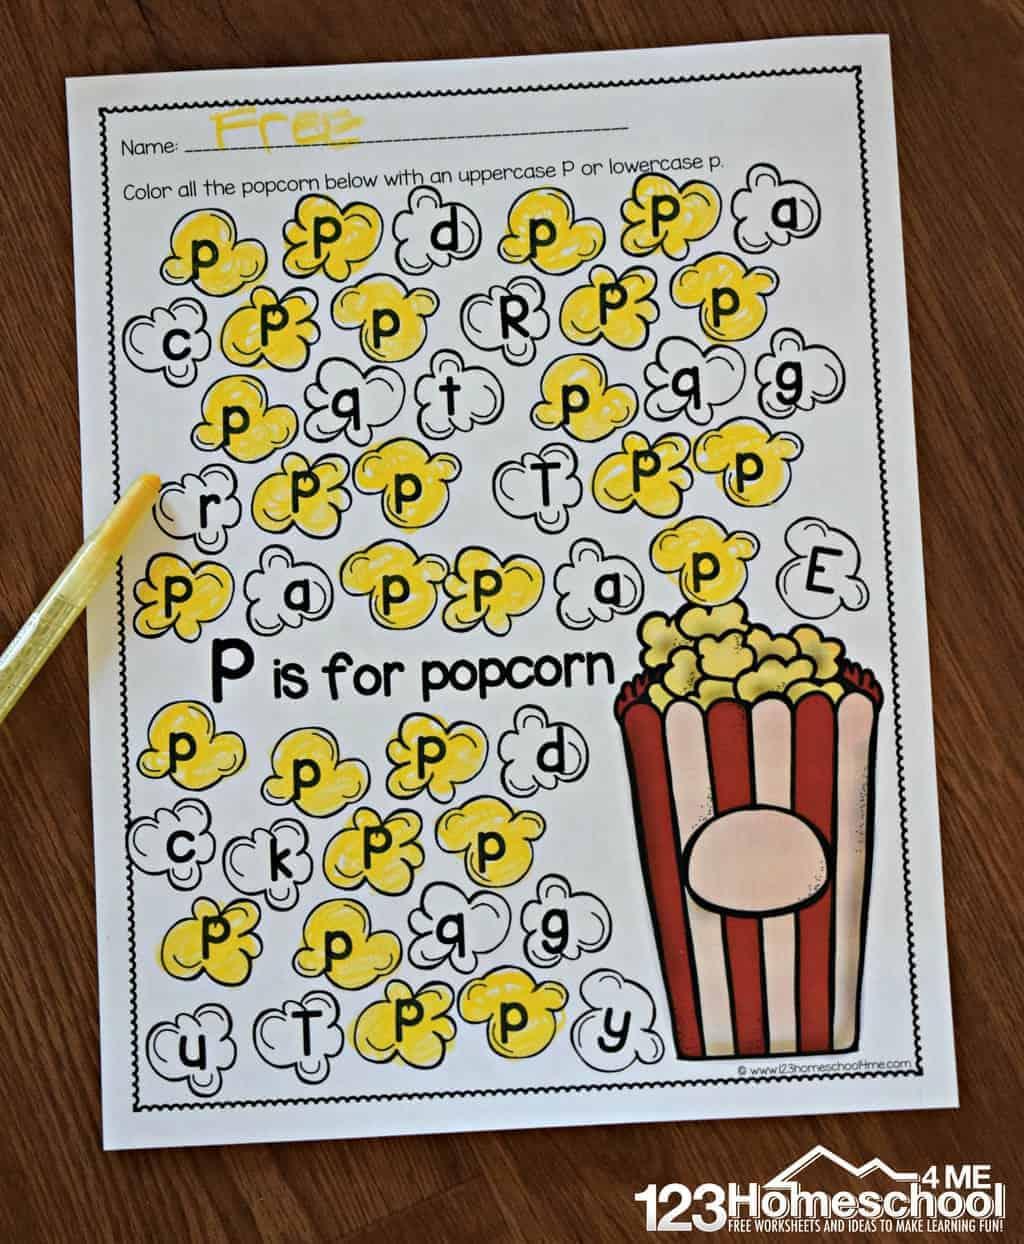 Free A To Z Letter Find Worksheets within Letter I Worksheets For Kindergarten Free